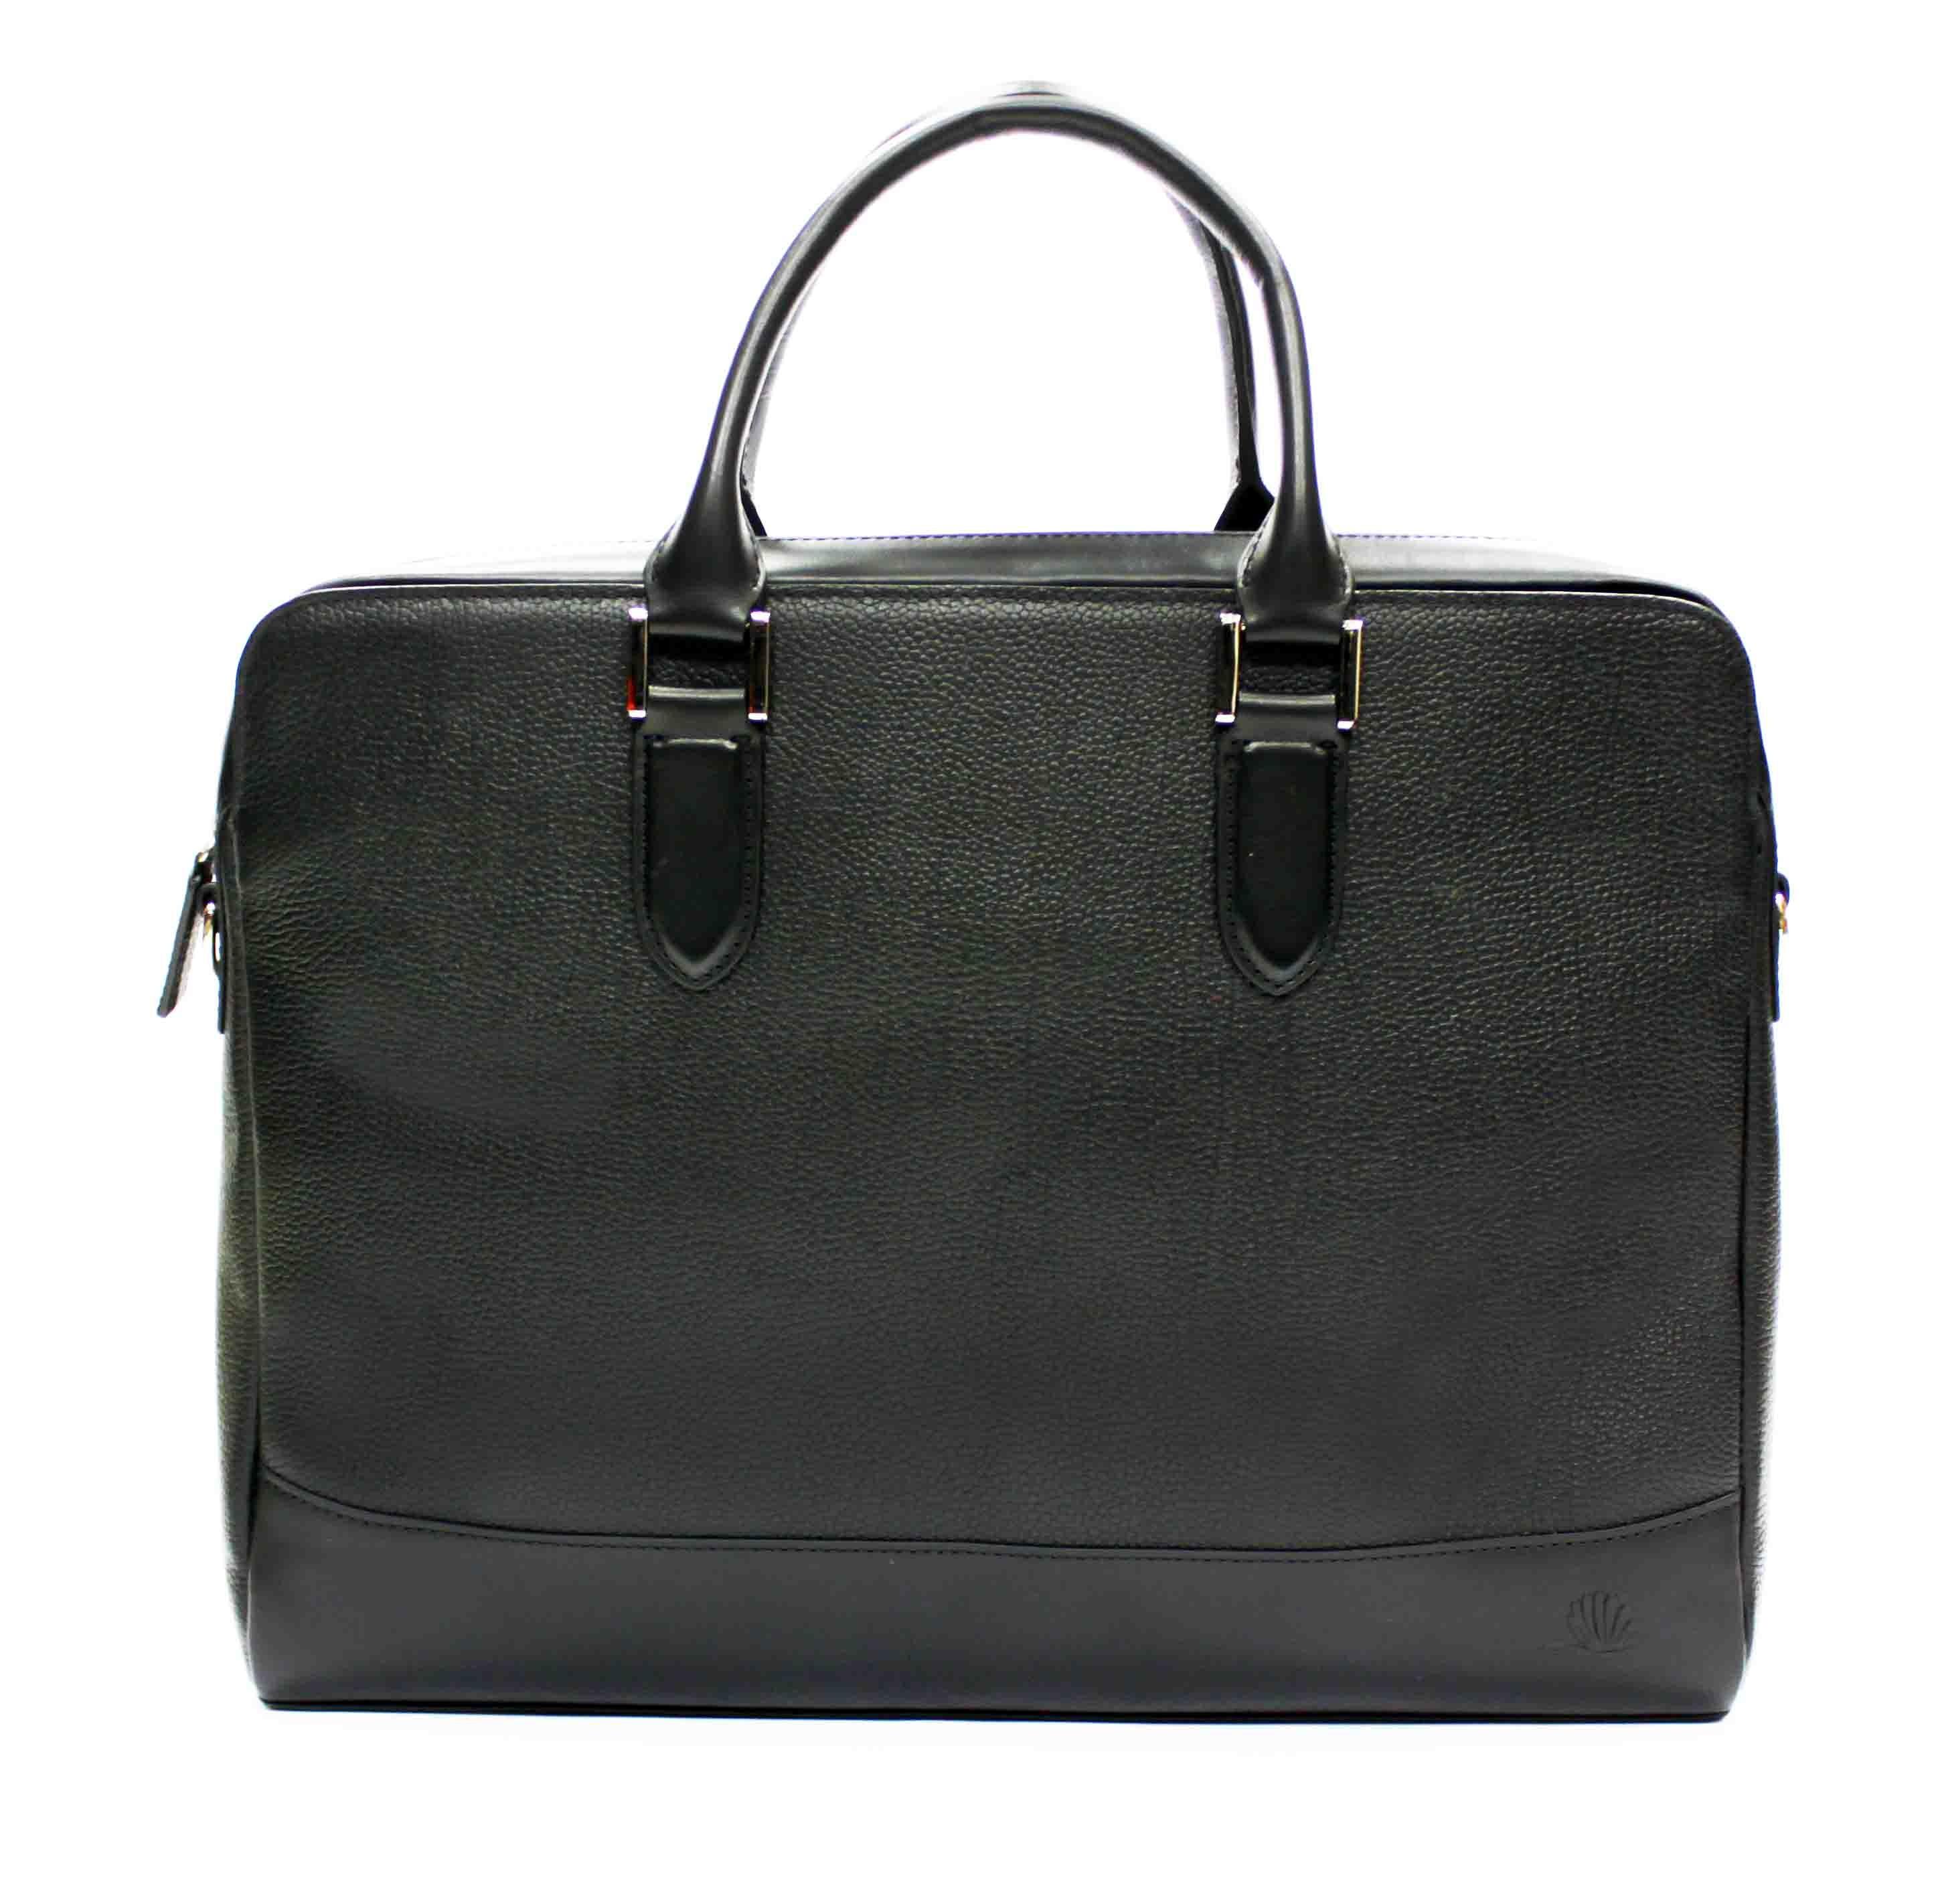 【限時下殺】職人製作-公事包/手提包/側背包/電腦包-中性款